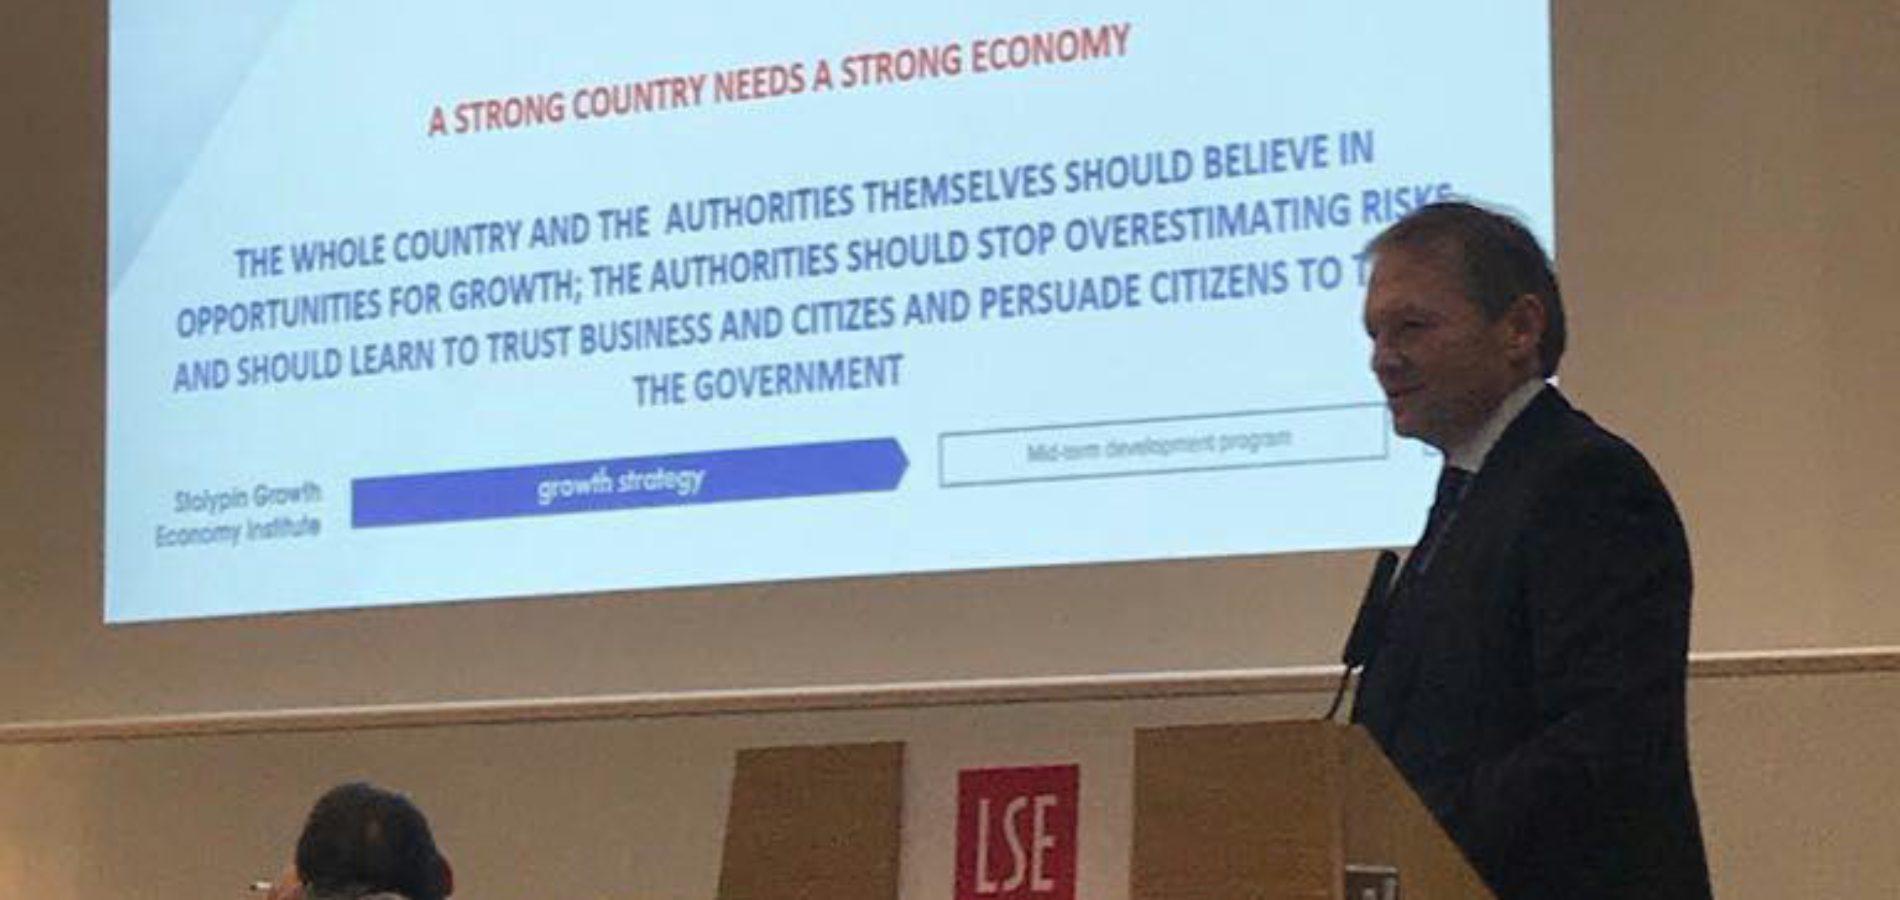 Россия нуждается в изменении экономической политики и повышении уровня доходов населения